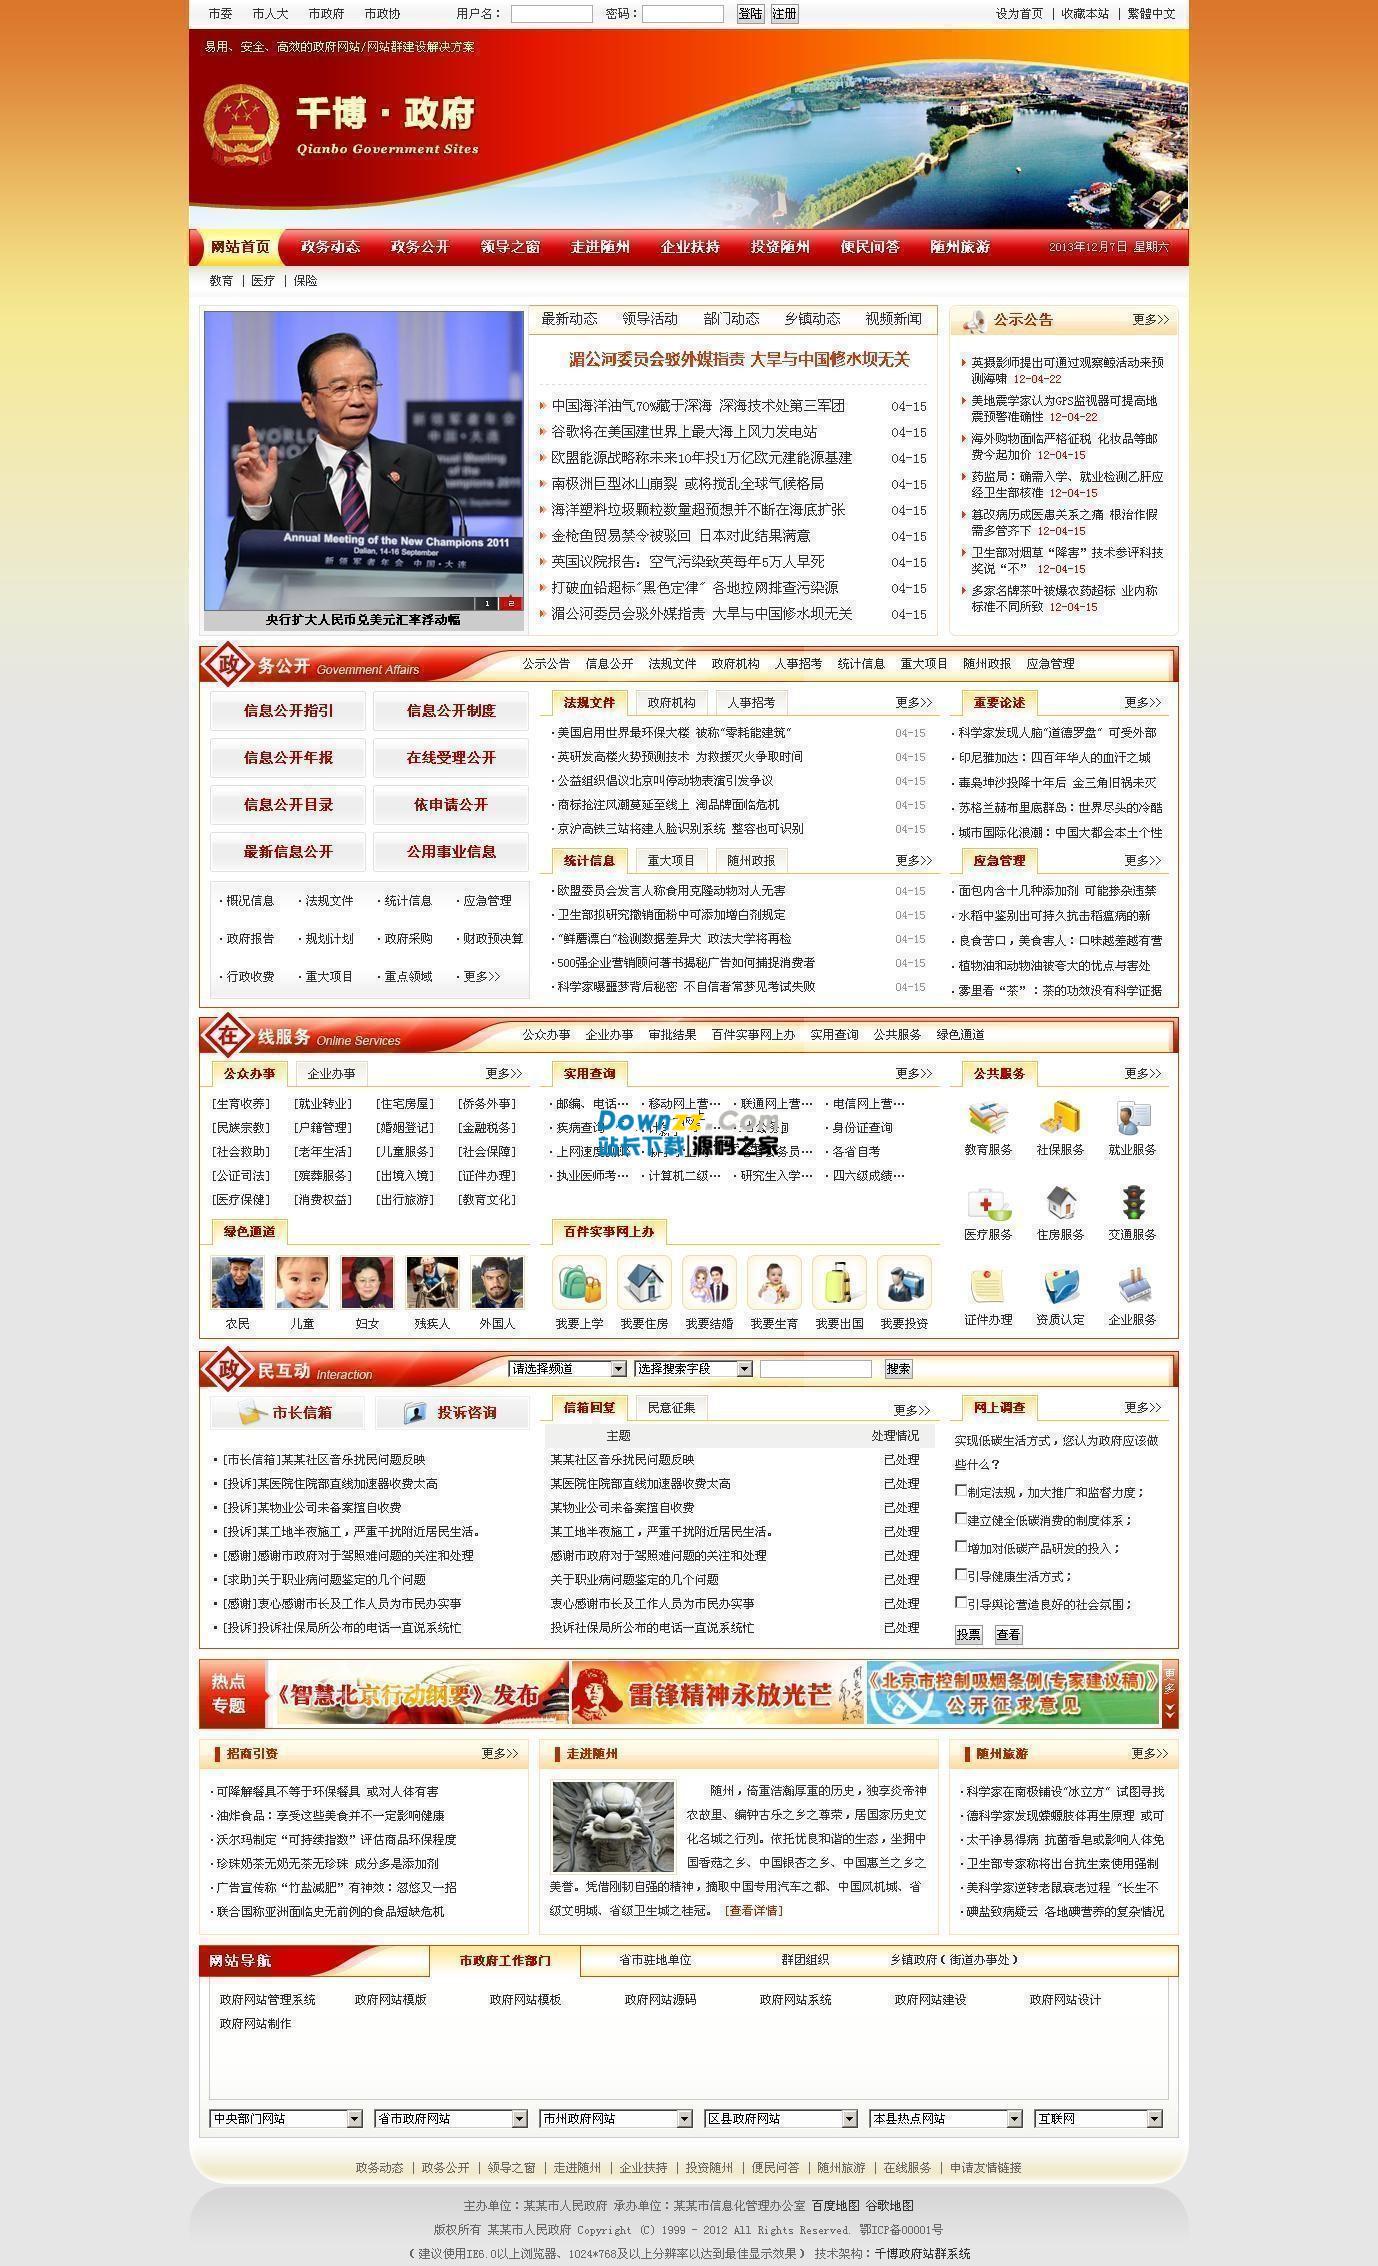 千博政府网站群管理系统 v2018 Build0630